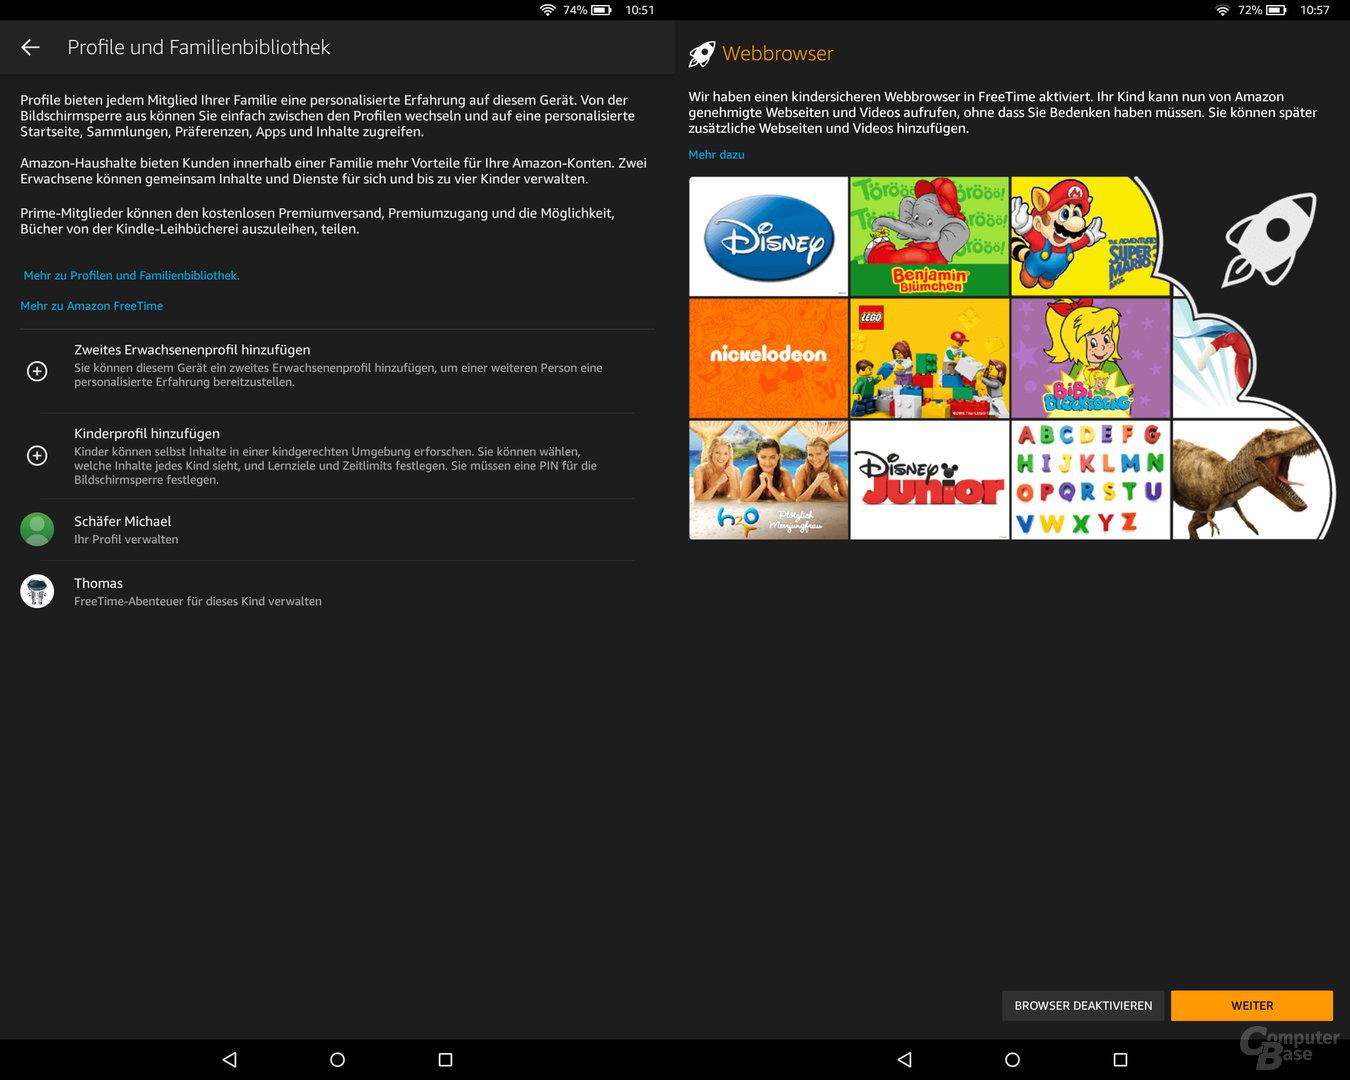 Einrichtung von Amazon FreeTime auf dem Fire HD 10 Kids Edition